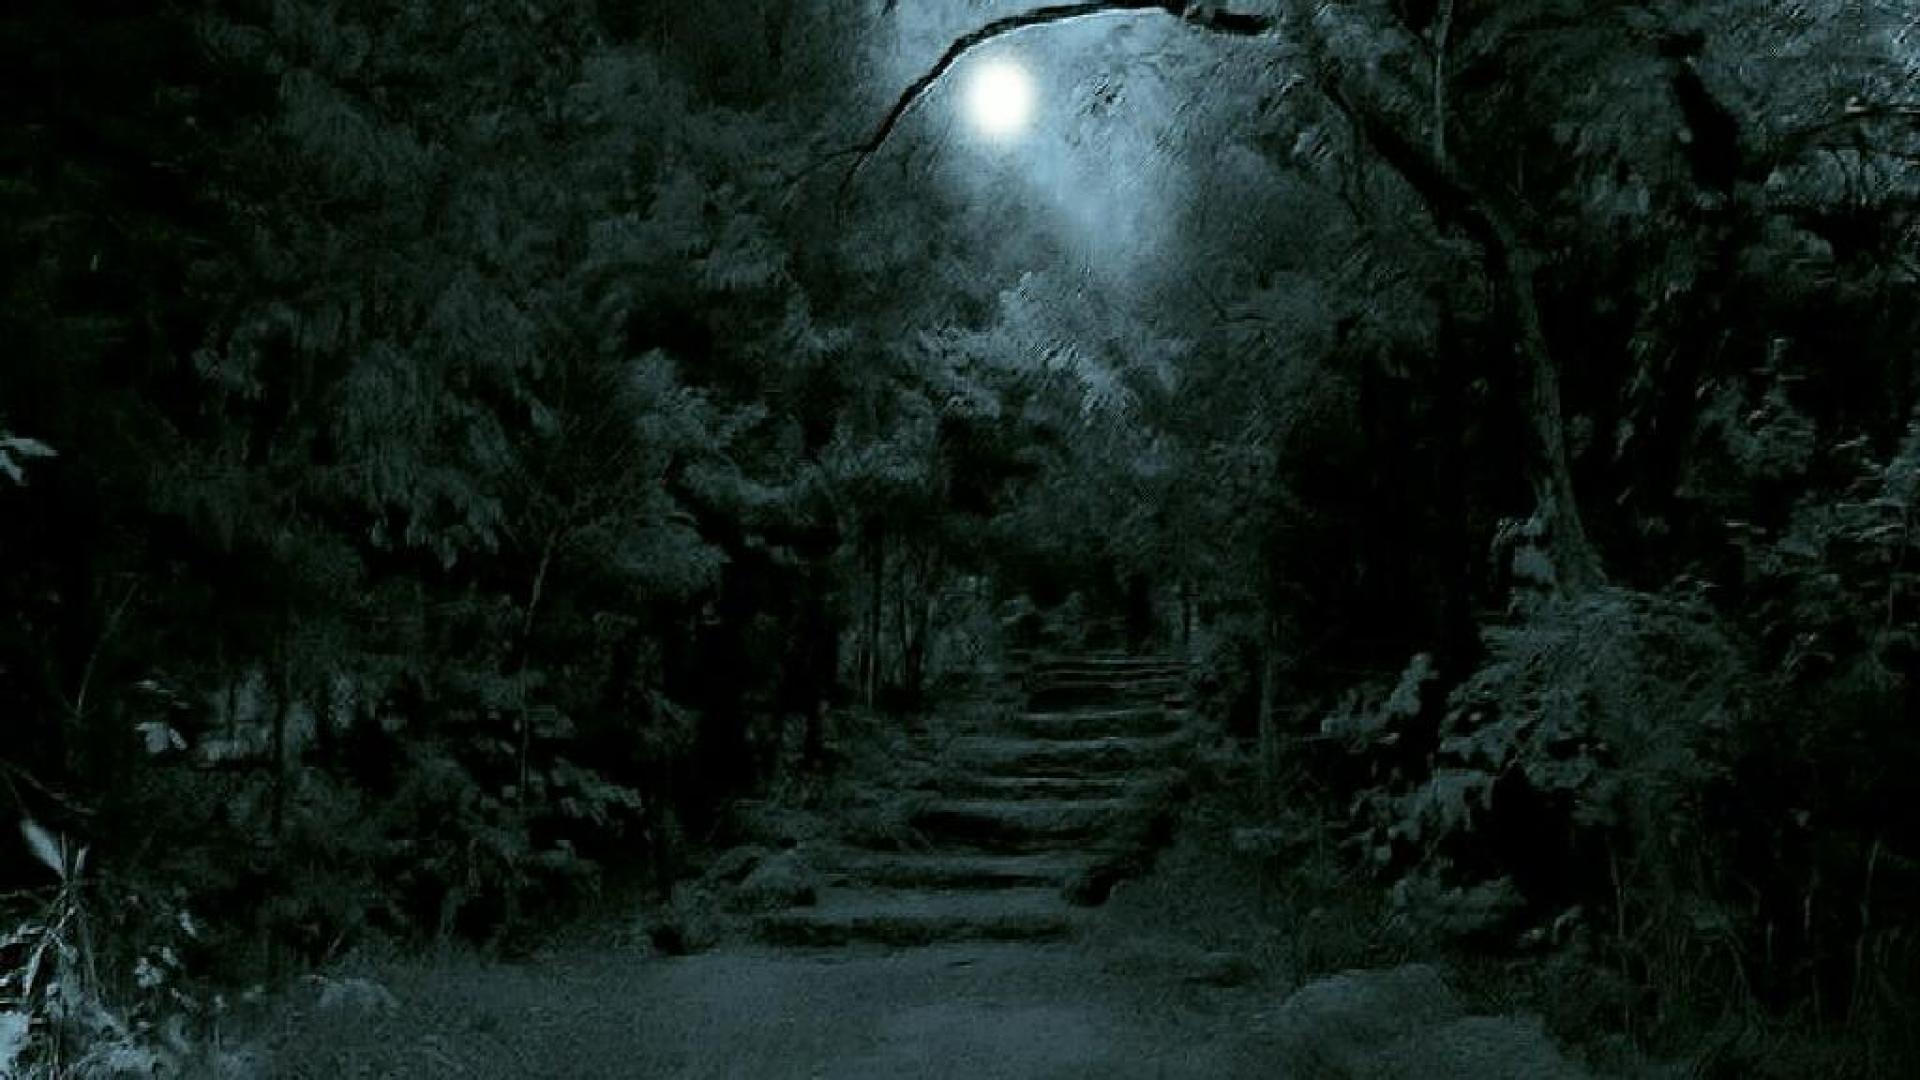 Dark Forest Wallpapers WallpapersInk High Resolution